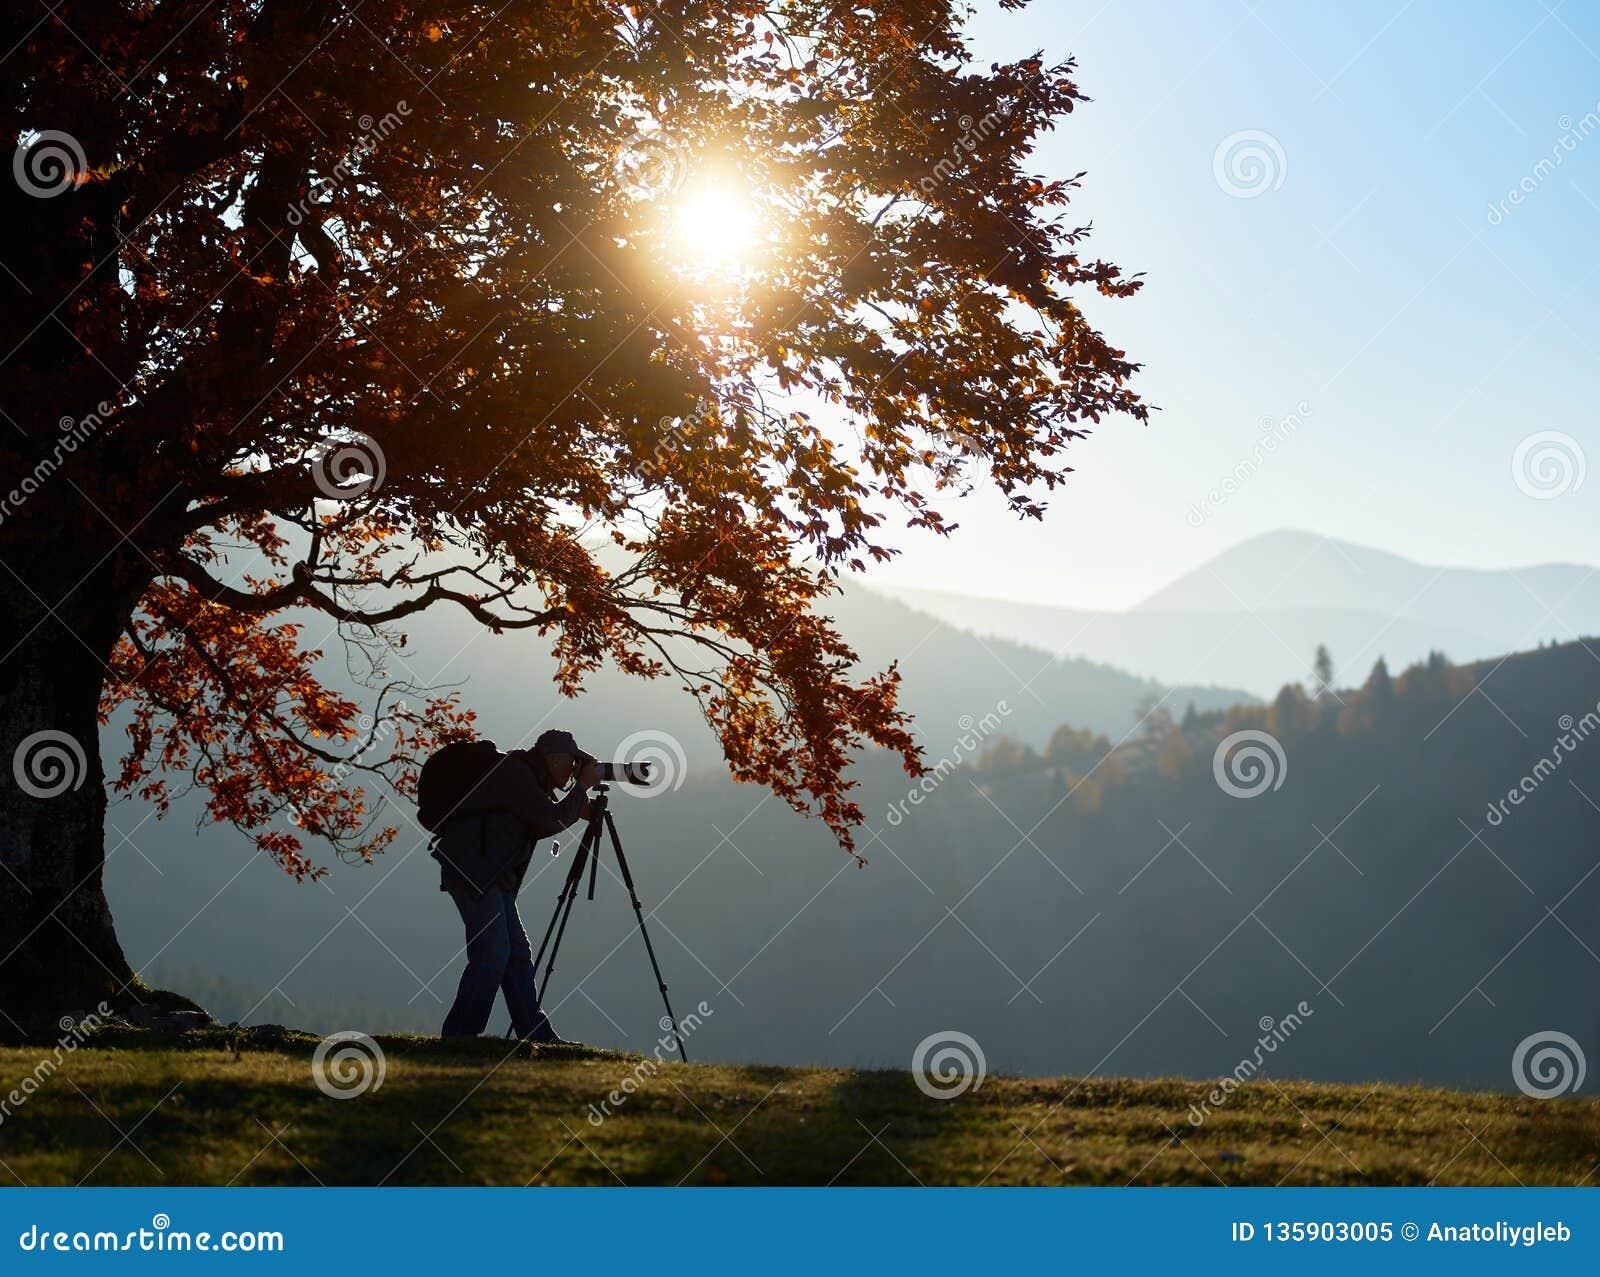 Touristischer Mann des Wanderers mit Kamera auf grasartigem Tal auf Hintergrund von Berglandschaft unter großem Baum